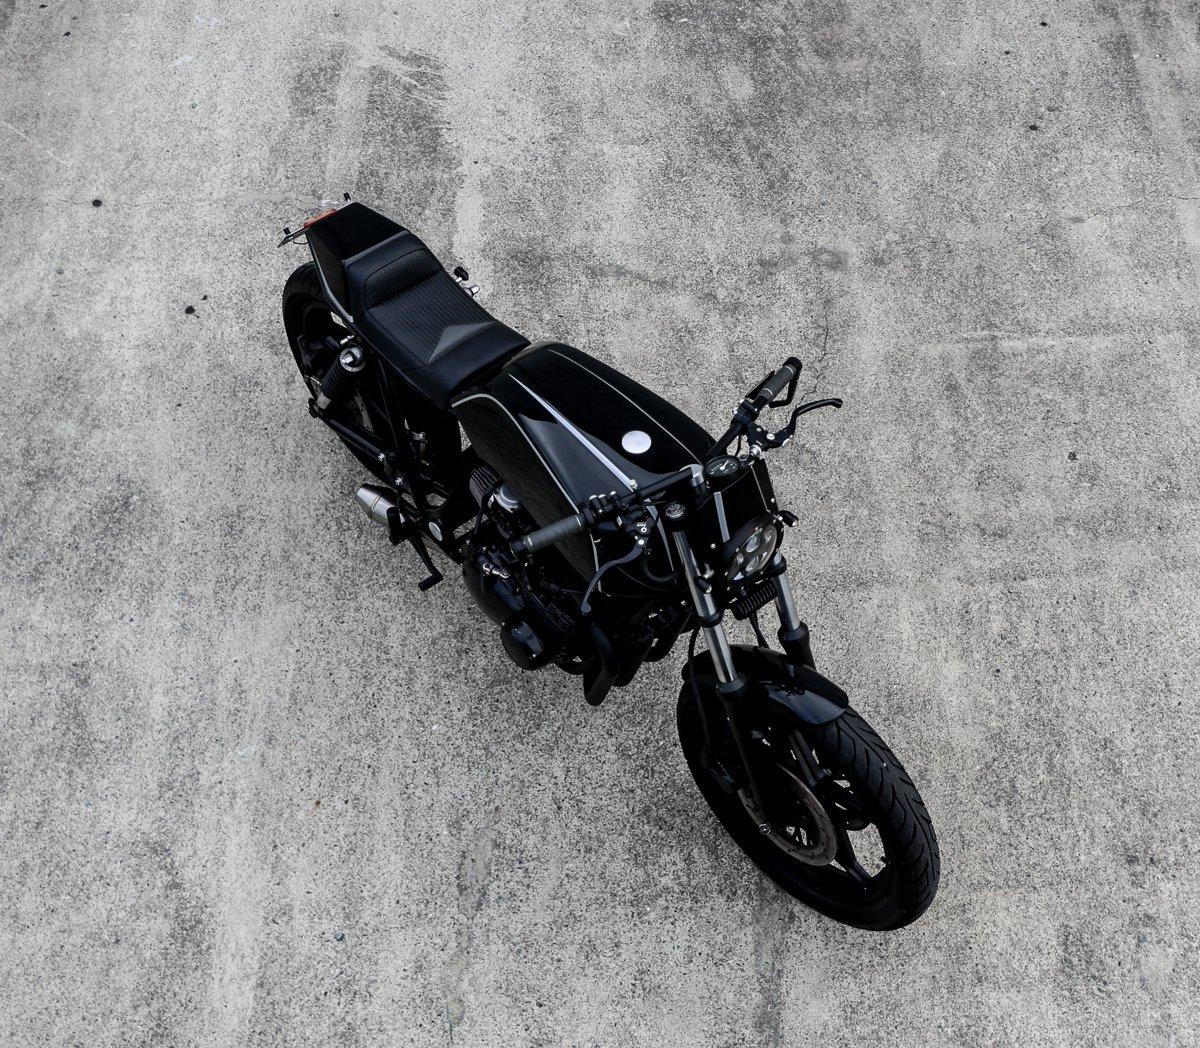 Suzuki GS650 classic cafe racer motorcycle builder brisbane